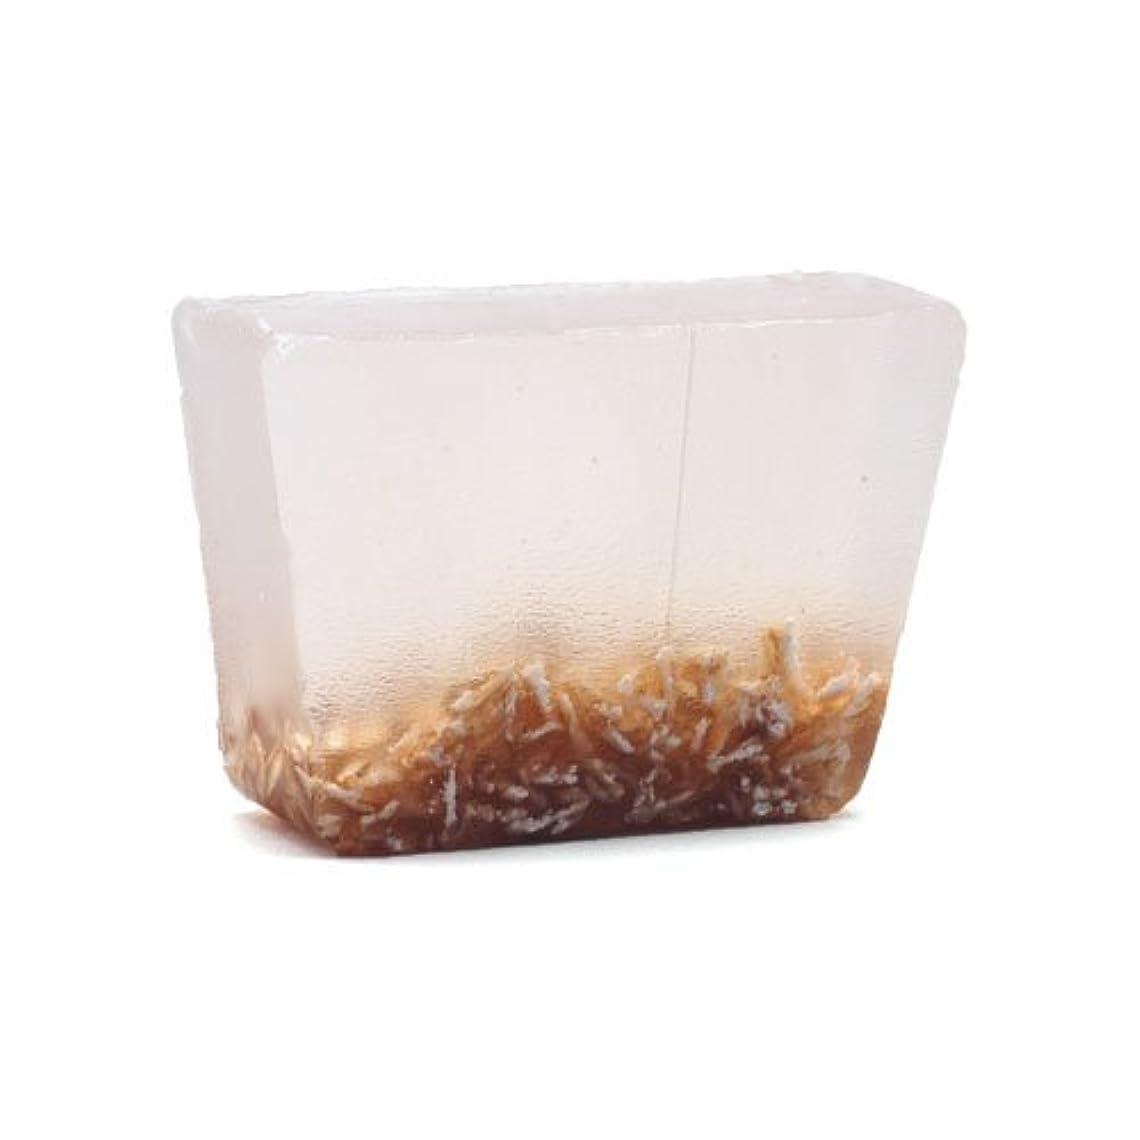 散る屋内不透明なプライモールエレメンツ アロマティック ミニソープ ラベンダーオートミール 80g 植物性 ナチュラル 石鹸 無添加